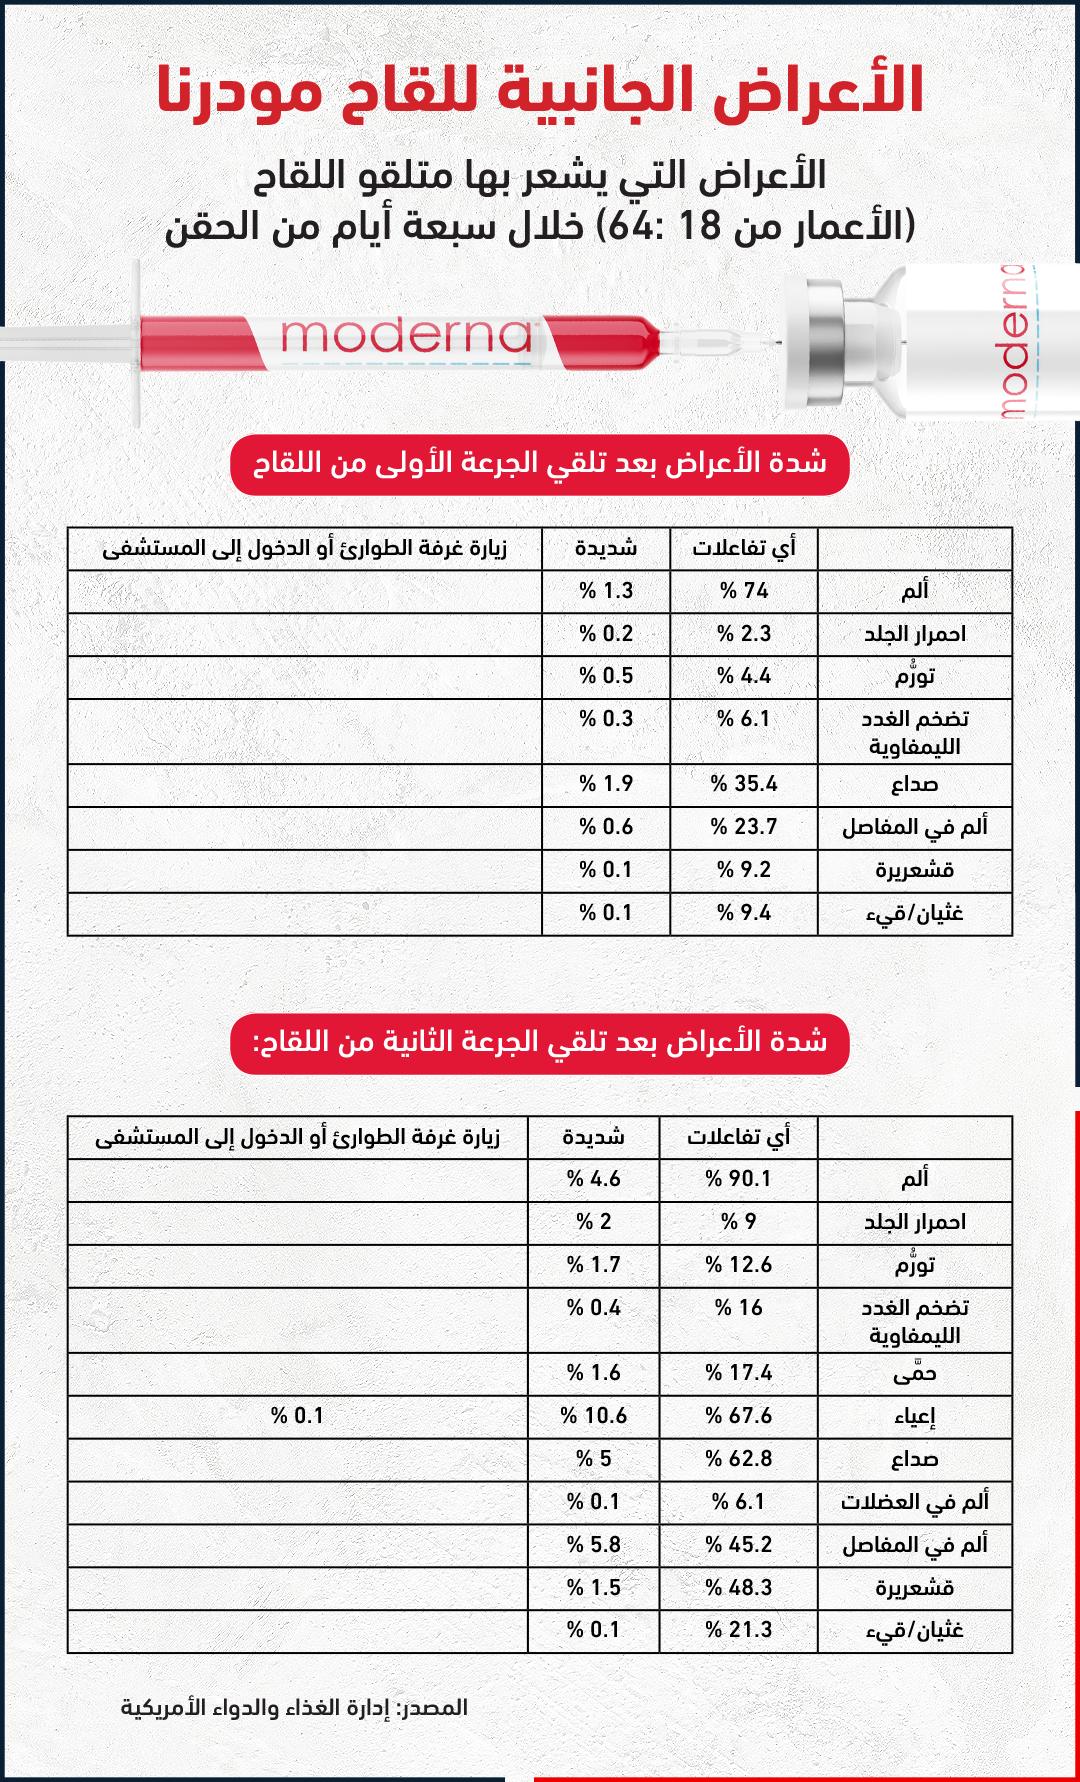 الأعراض الجانبية للقاحات «كوفيد-19» حتى الآن